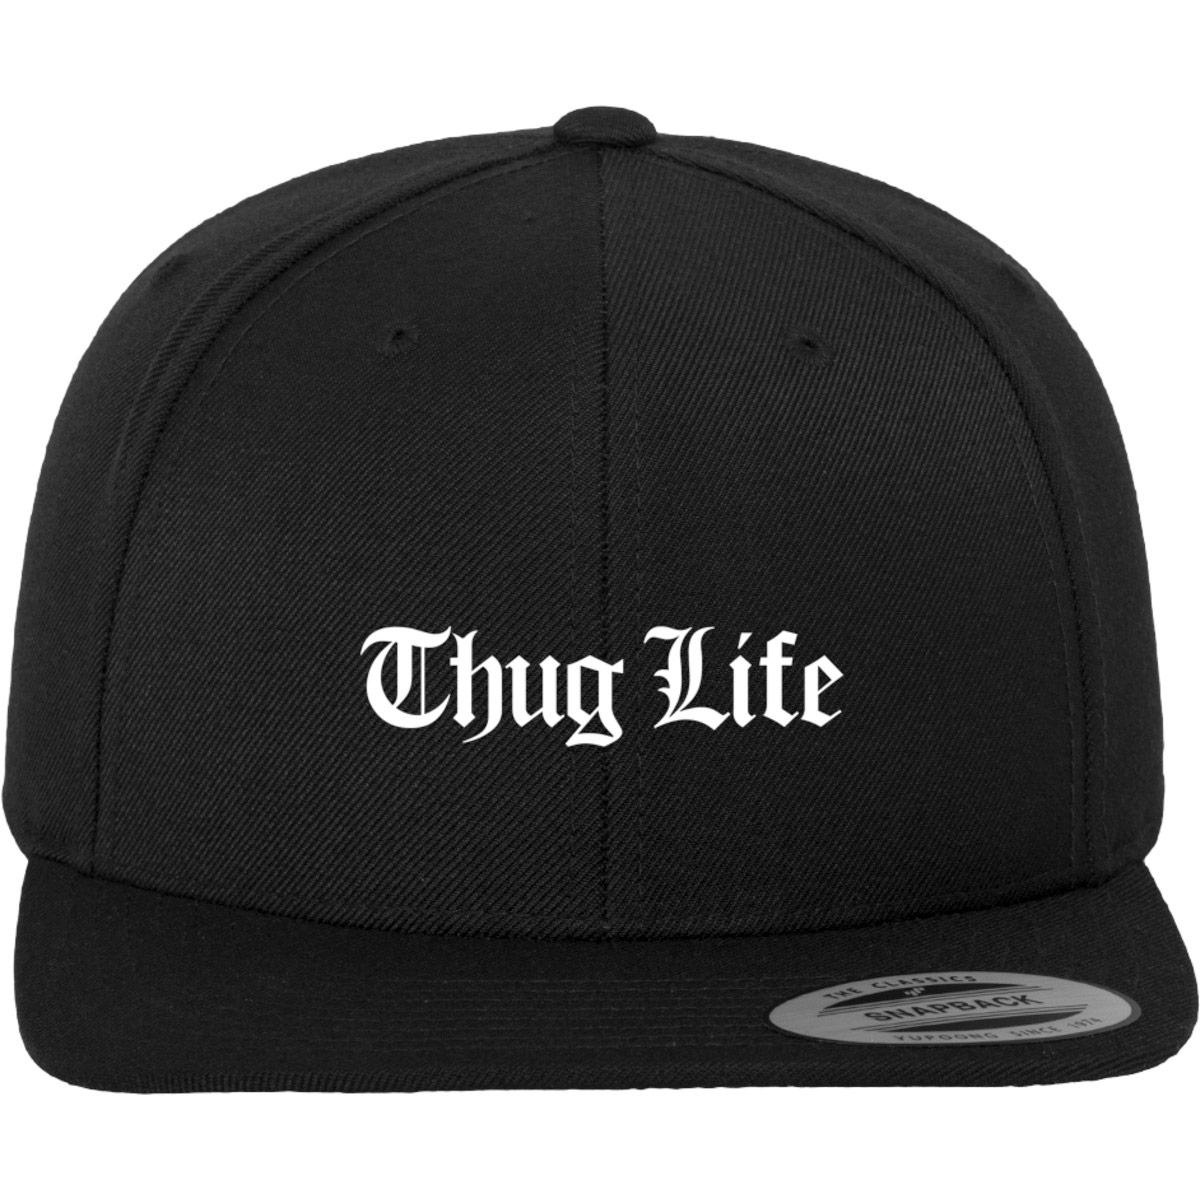 Thug Life Old English Snapback baseball cap ef3379eee4c